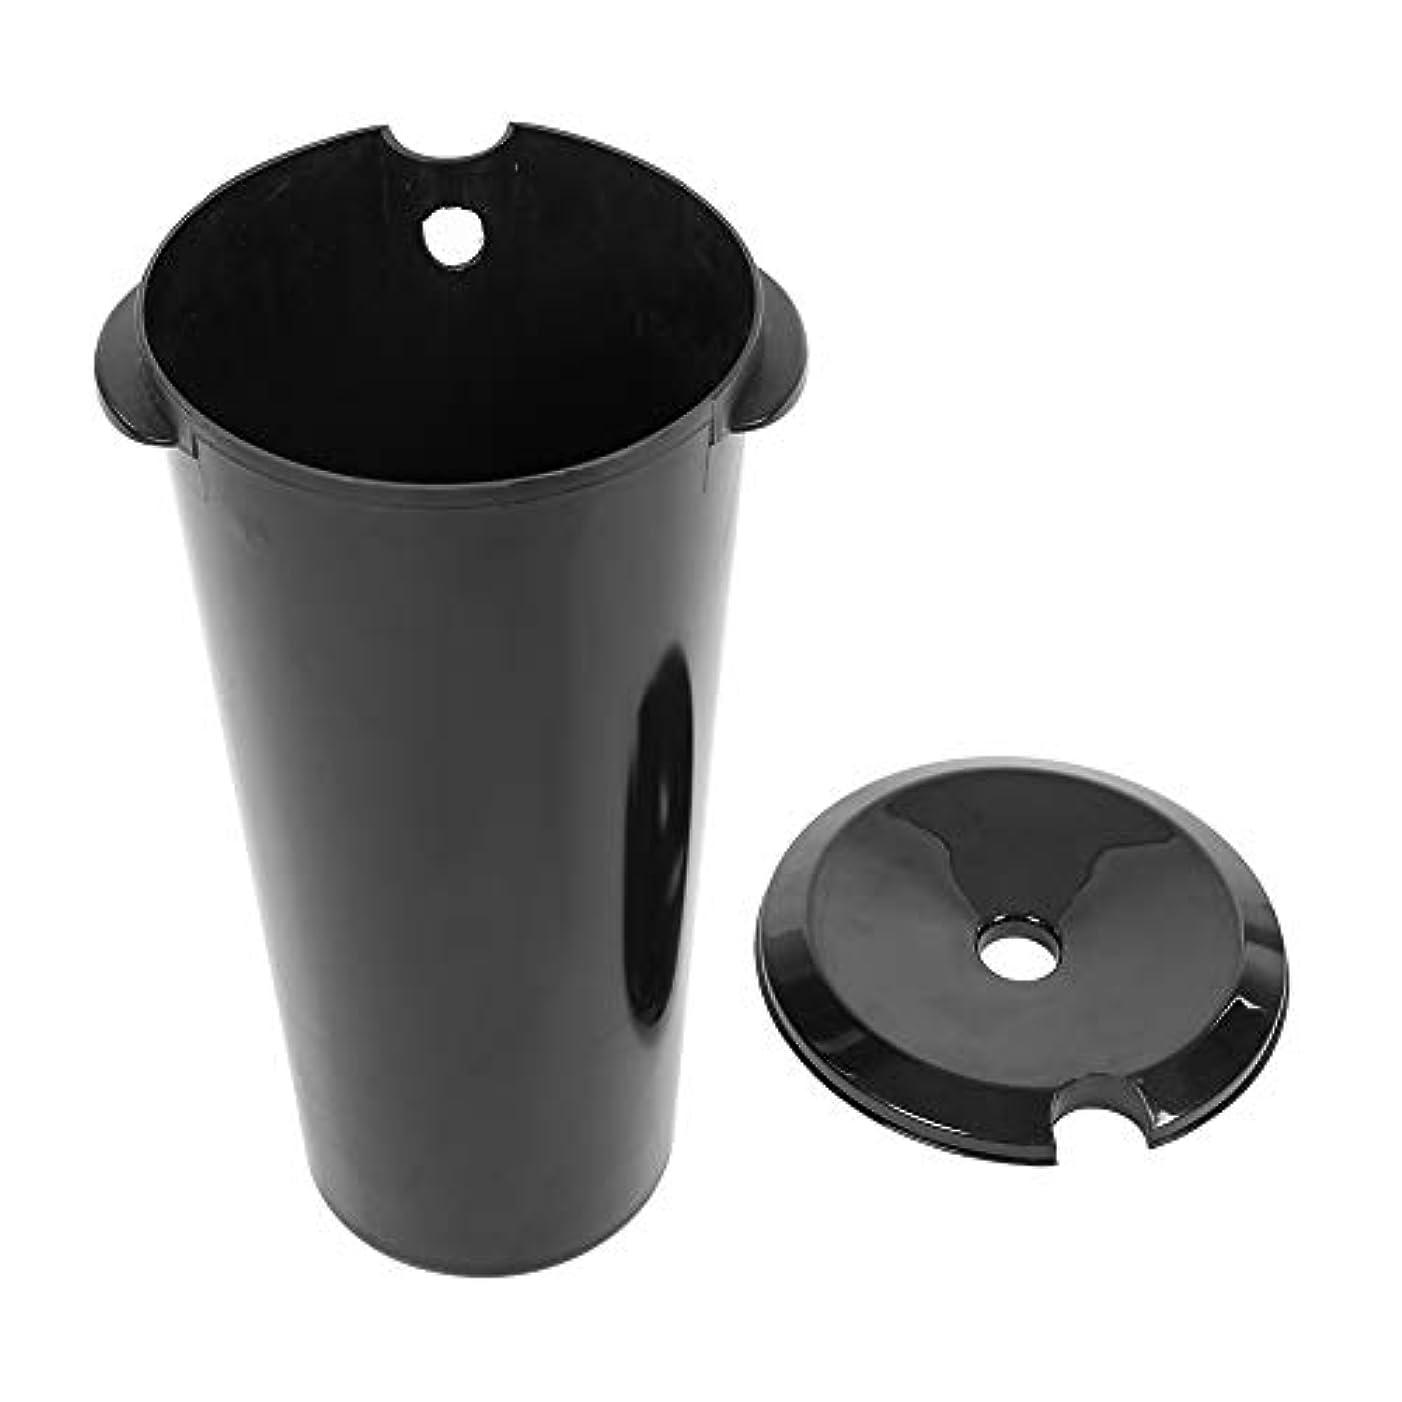 デンマーク語反対に保持シャンプーの洗面器、10L移動式毛髪洗面台の大広間の家の洗面器のバケツ